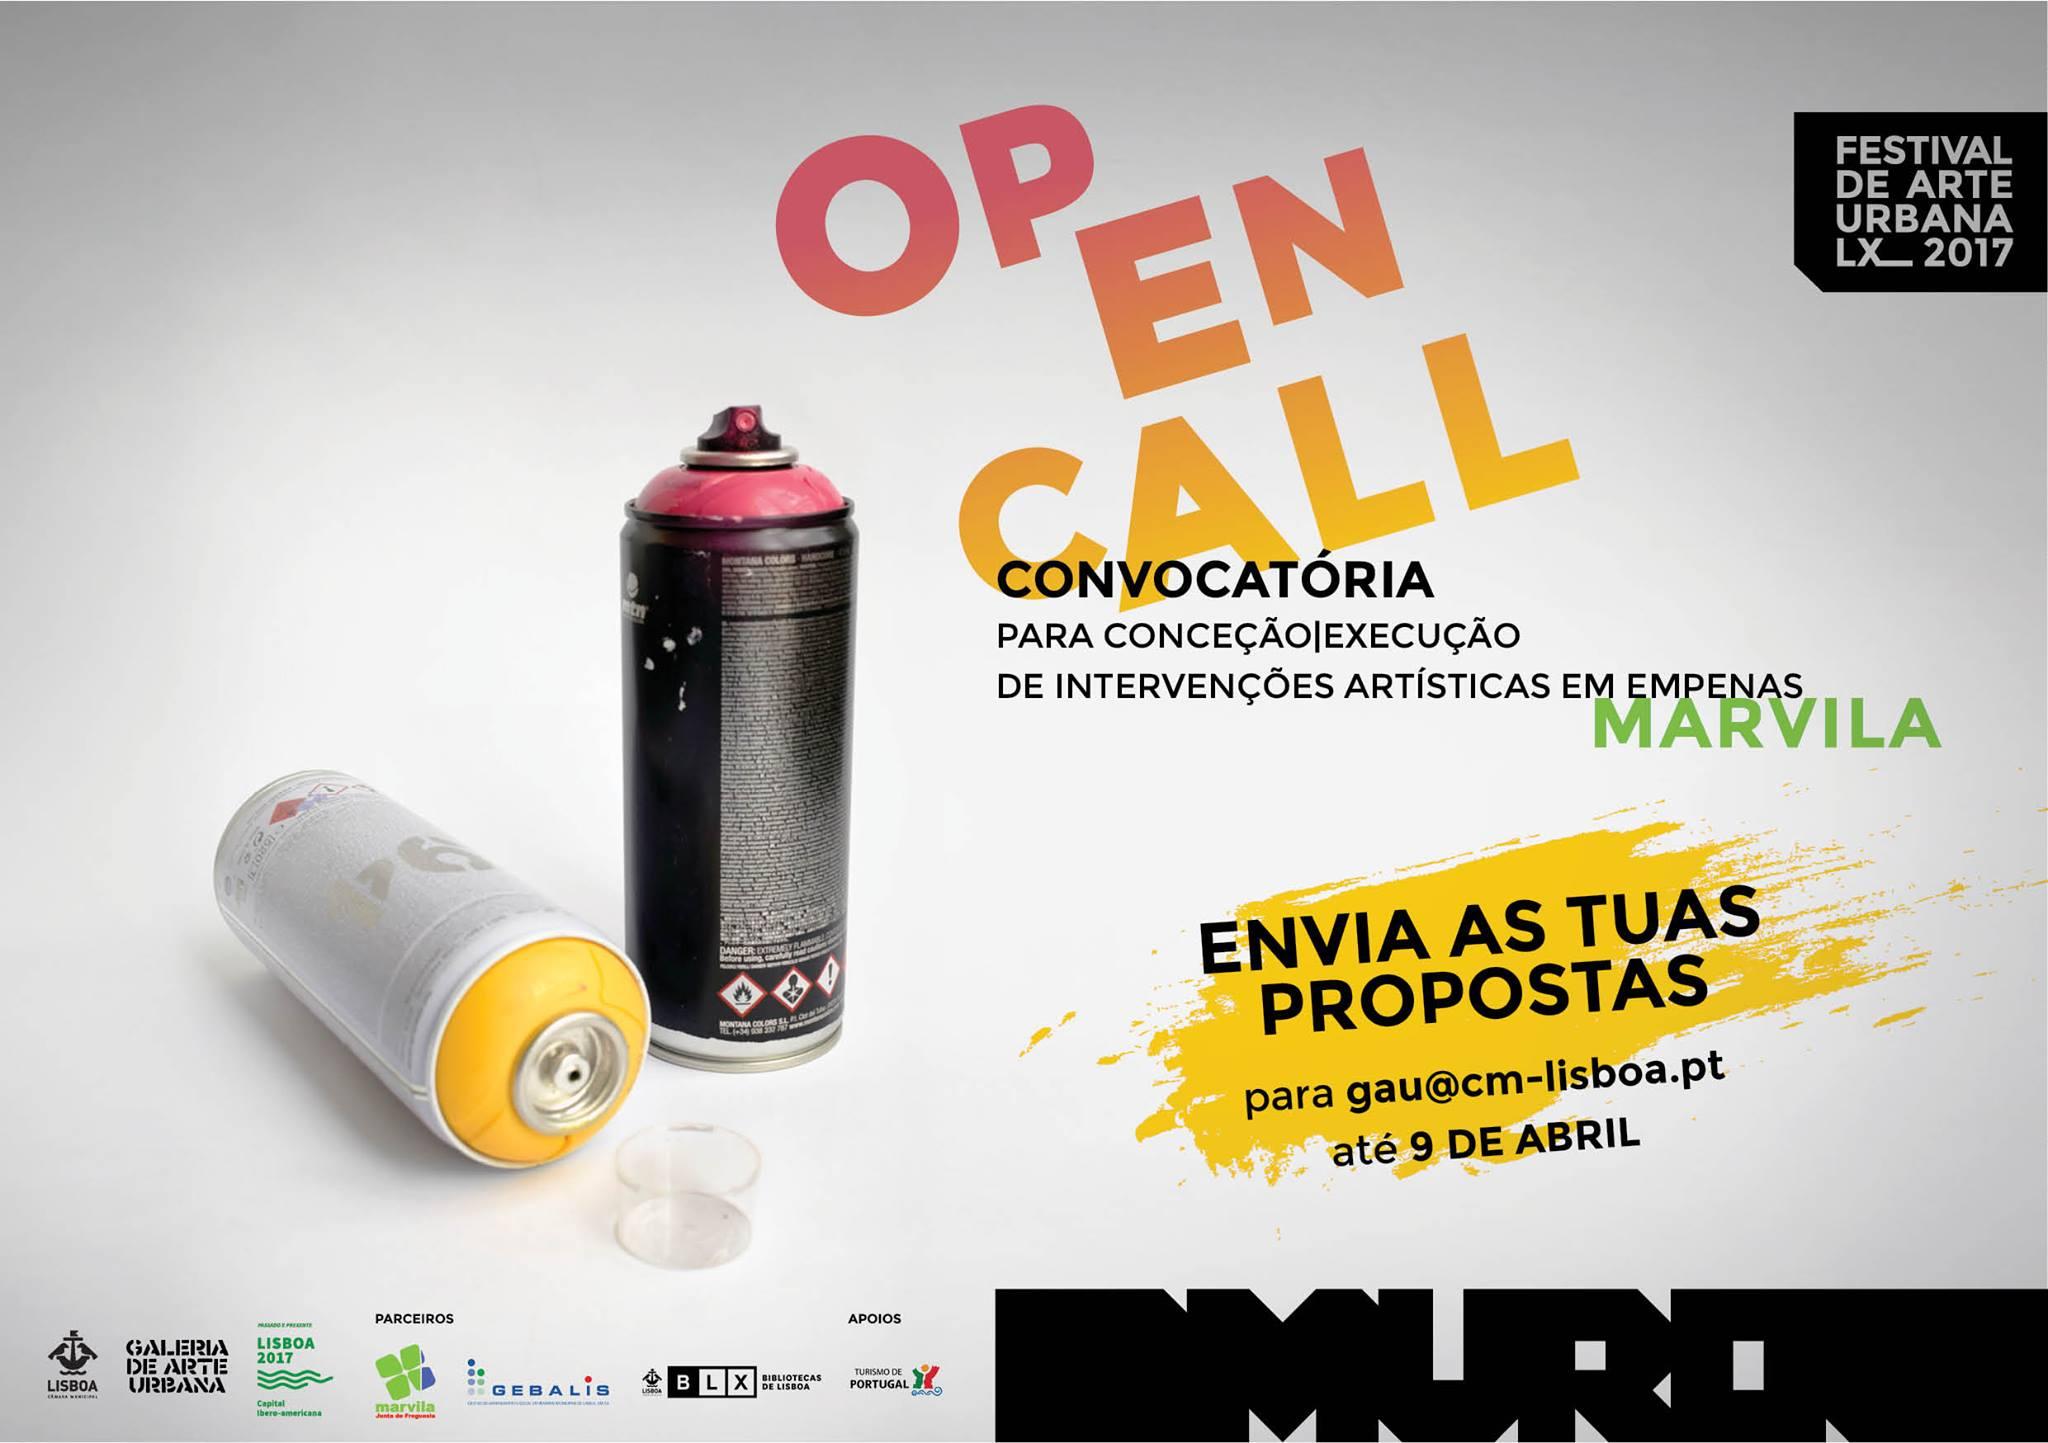 Wallspot Post - CONVOCATÓRIA GALERIA DE ARTE URBANA | OPEN CALL FESTIVAL MURO LX_2017